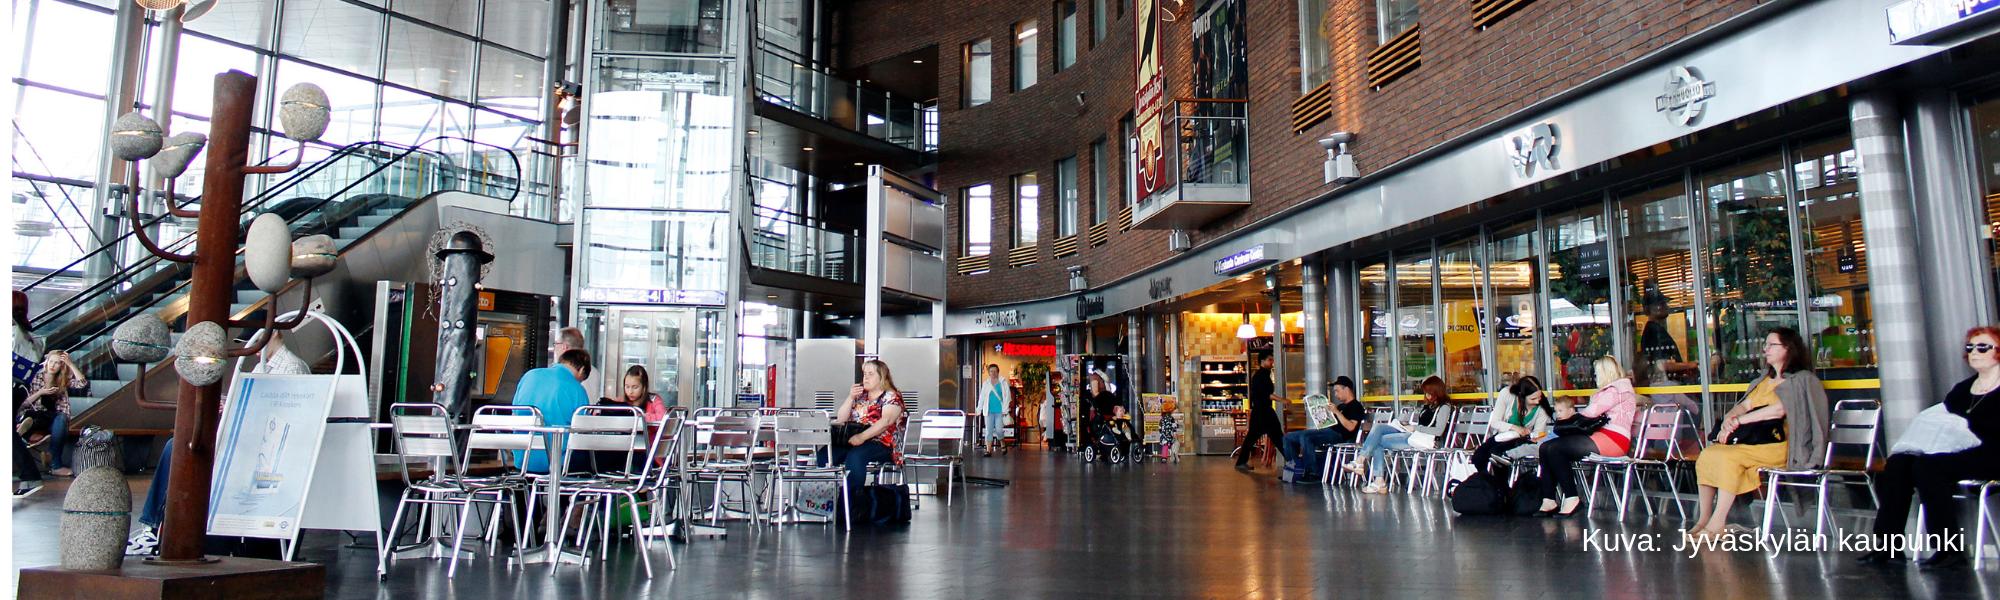 matkakeskus jyväskylän keskustassa